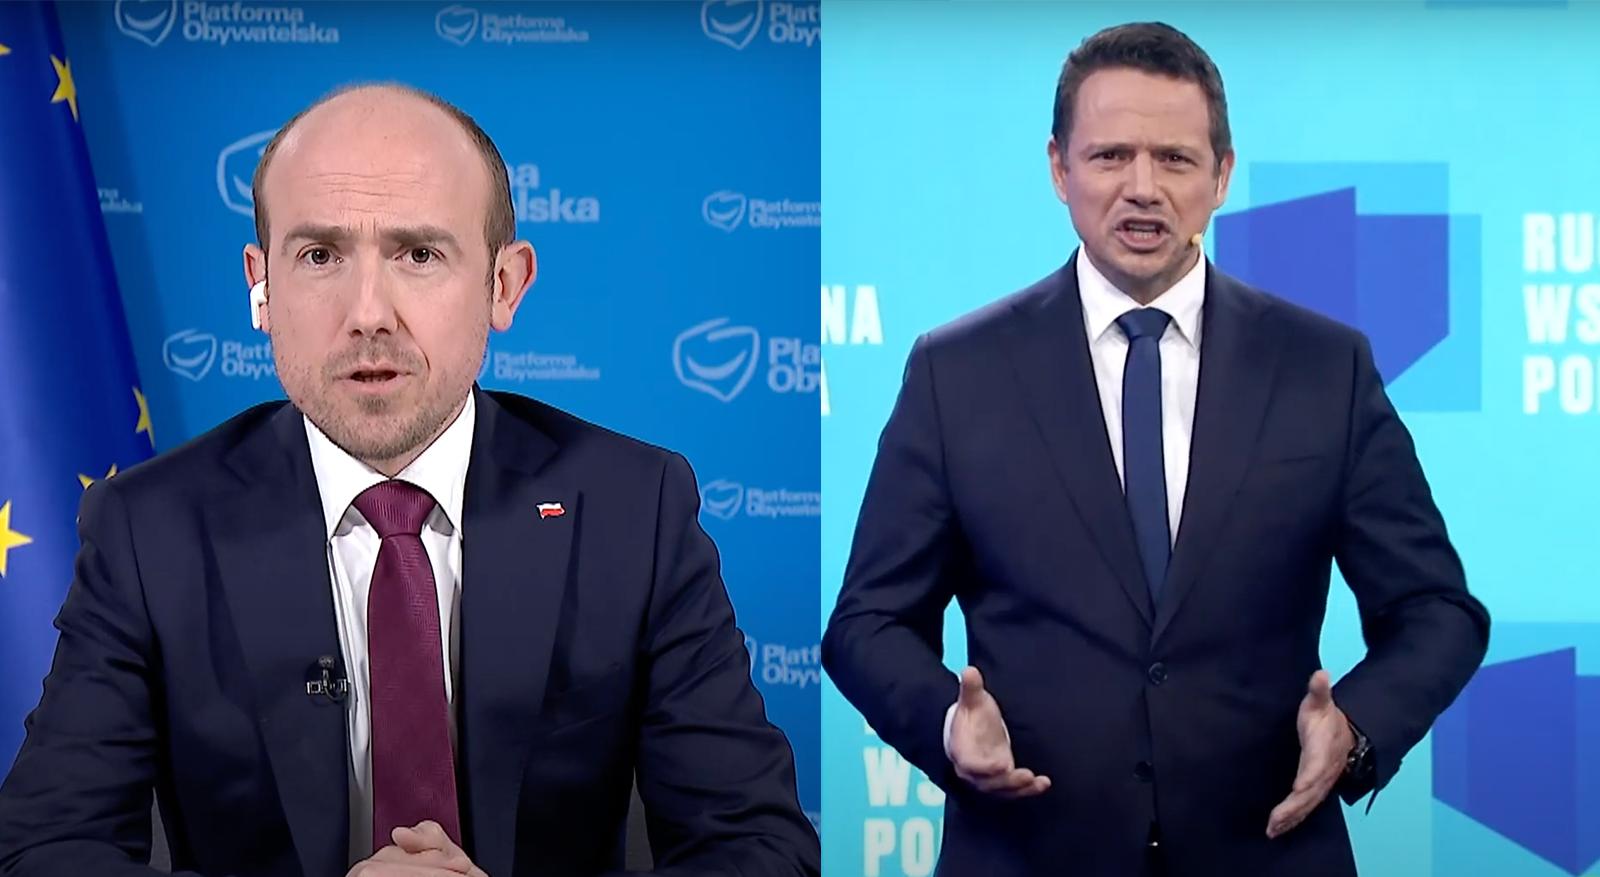 """Platforma wycofuje się z Ruchu Trzaskowskiego. Budka: """"Rzuciliśmy hasło pod wpływem emocji"""""""